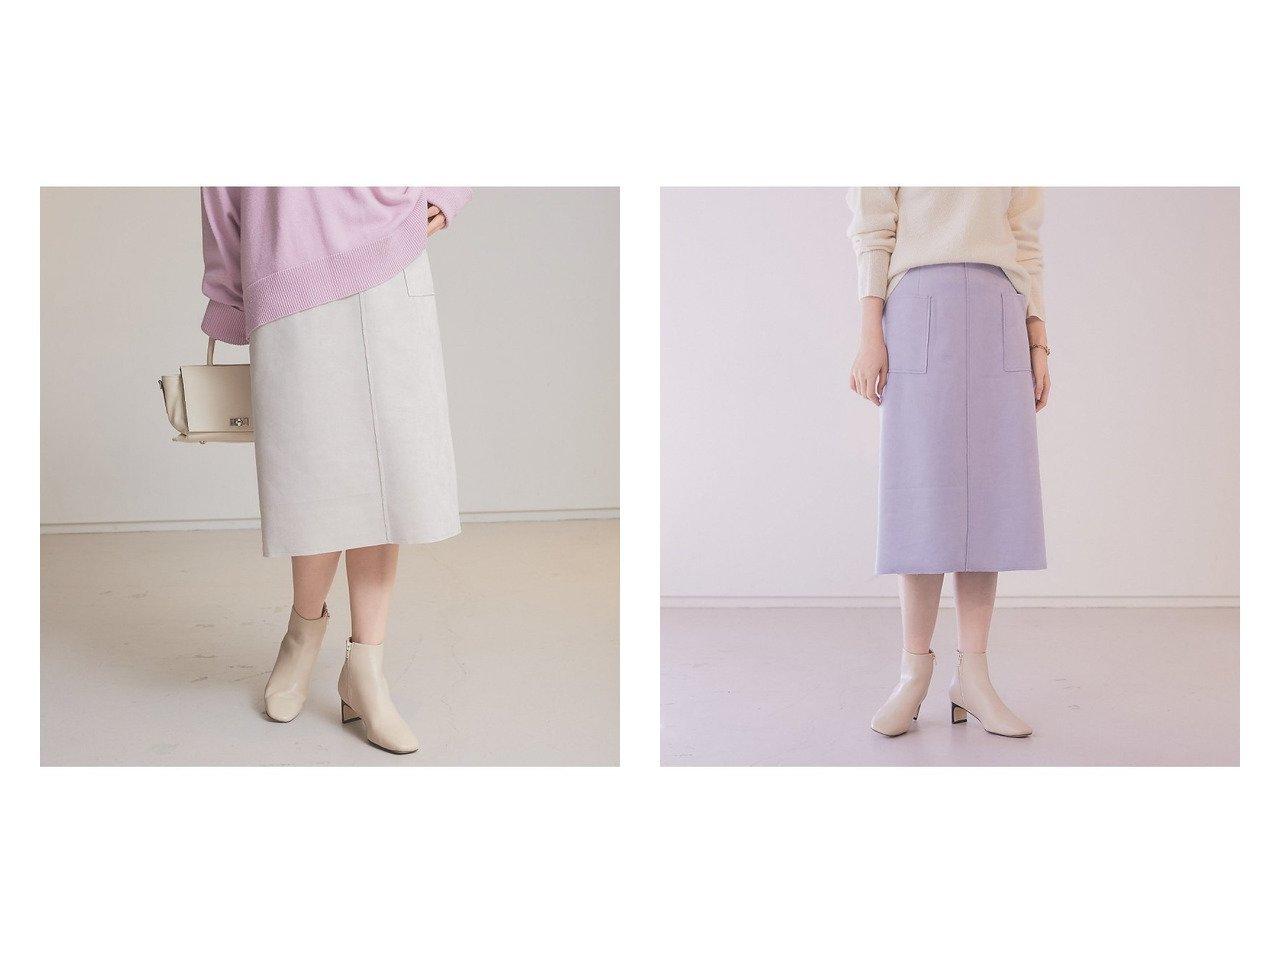 【abahouse mavie/アバハウスマヴィ】の【春新色登場】ecru スエードタイトスカート(裏付き) スカートのおすすめ!人気、トレンド・レディースファッションの通販 おすすめで人気の流行・トレンド、ファッションの通販商品 メンズファッション・キッズファッション・インテリア・家具・レディースファッション・服の通販 founy(ファニー) https://founy.com/ ファッション Fashion レディースファッション WOMEN スカート Skirt Aライン/フレアスカート Flared A-Line Skirts 春 Spring スエード ストレッチ センター 定番 Standard 人気 パーカー ビッグ フェイクスエード フレア フロント ポケット 冬 Winter |ID:crp329100000018921